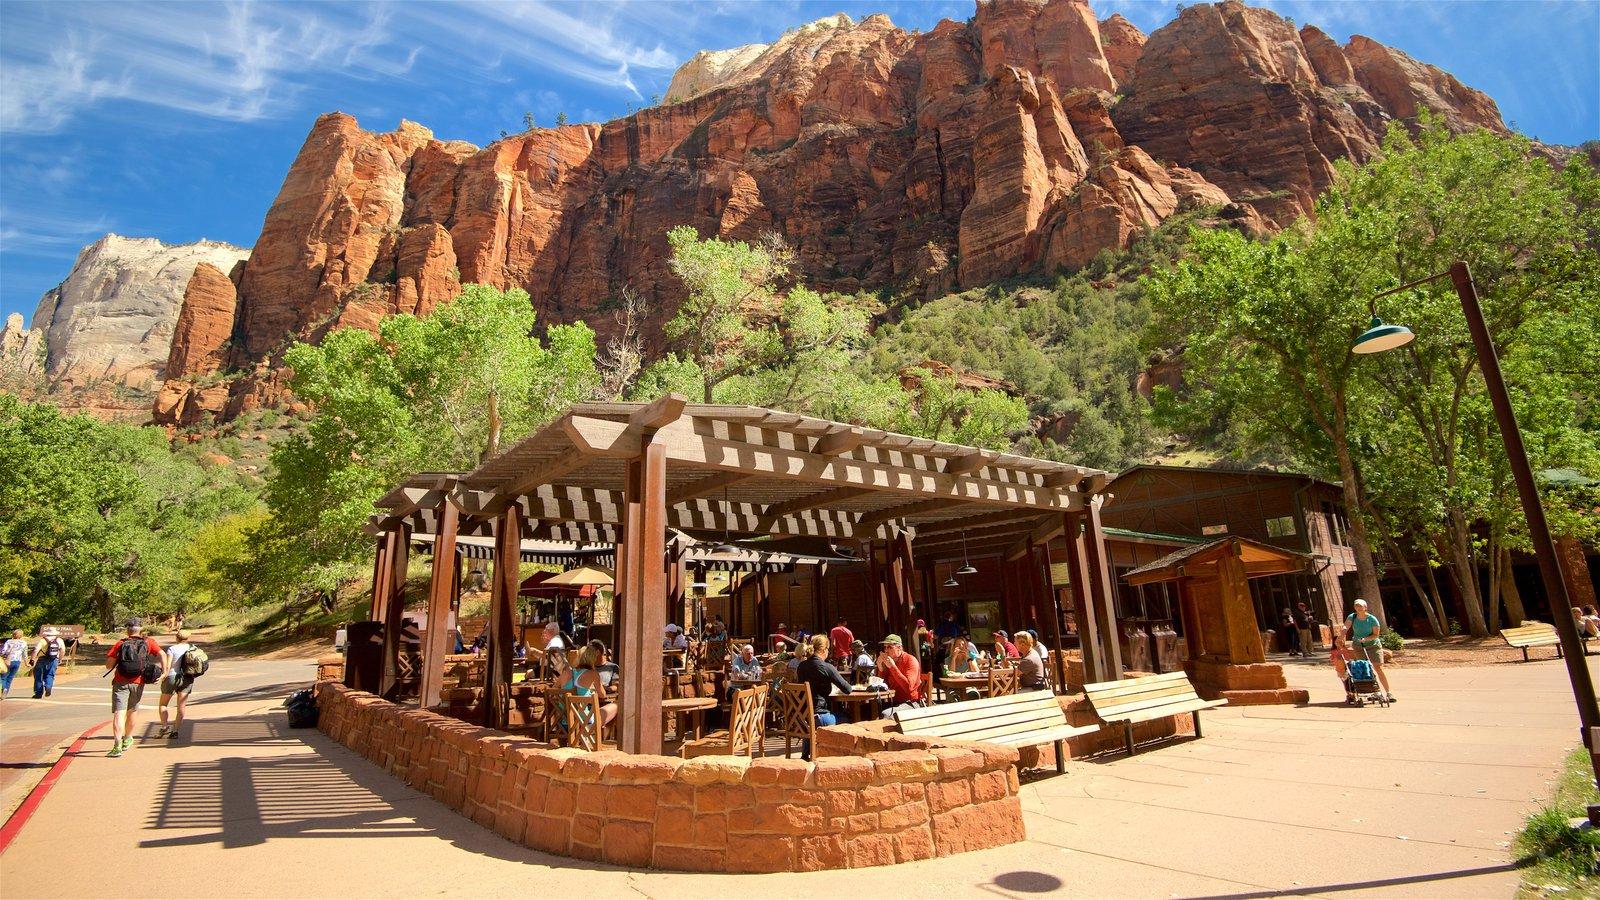 Parque Nacional Zion mostrando senderismo o caminata, escenas tranquilas y comer al aire libre